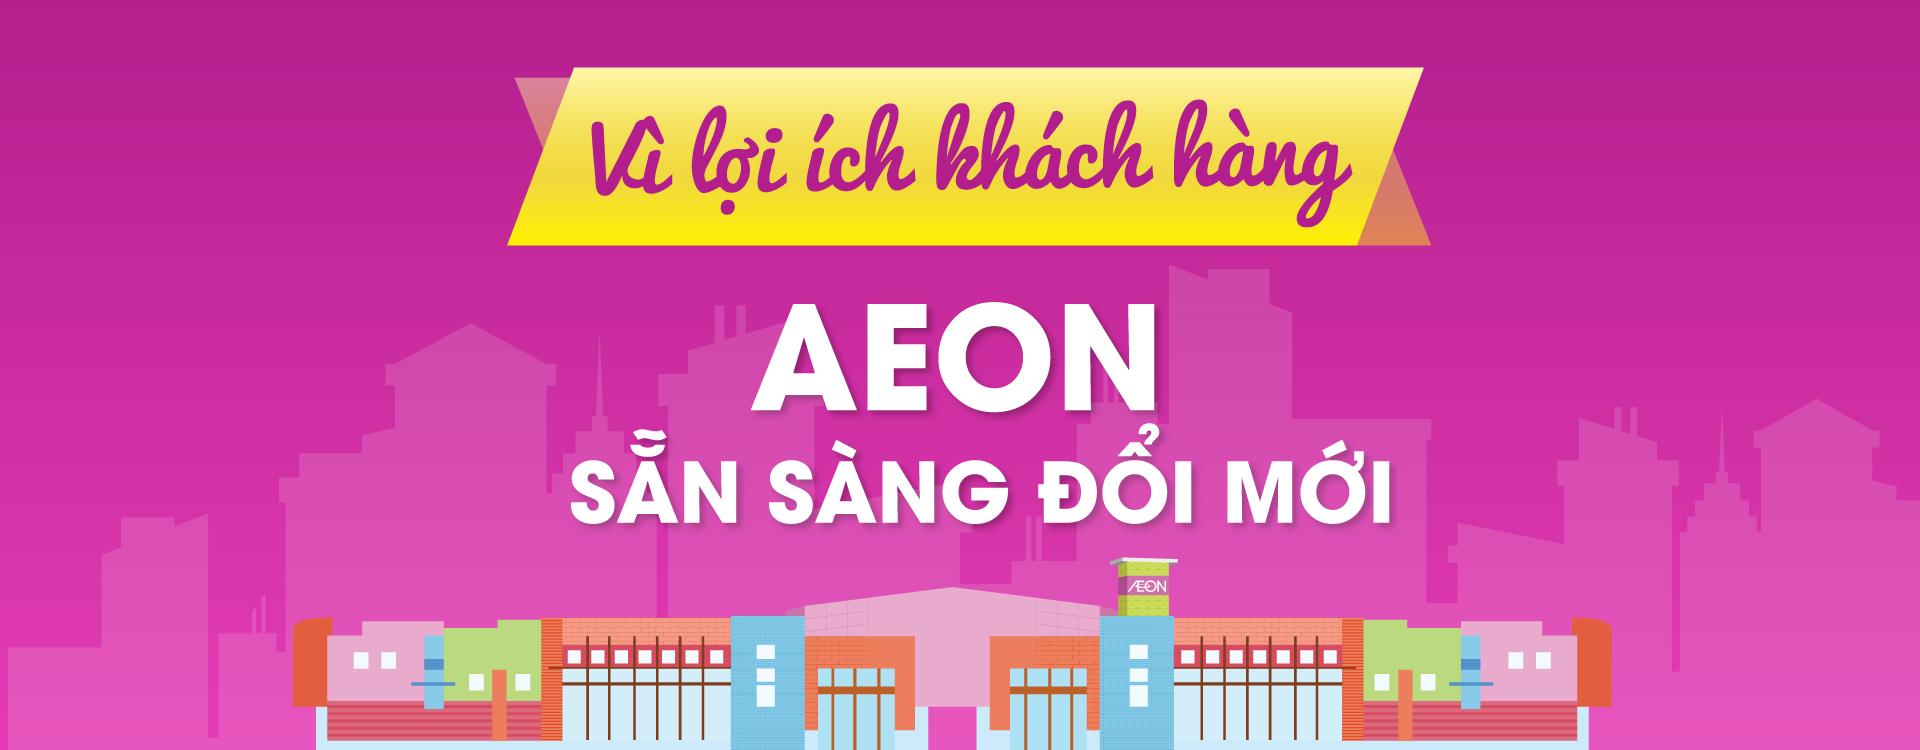 Vì lợi ích khách hàng Aeon sẵn sàng đổi mới